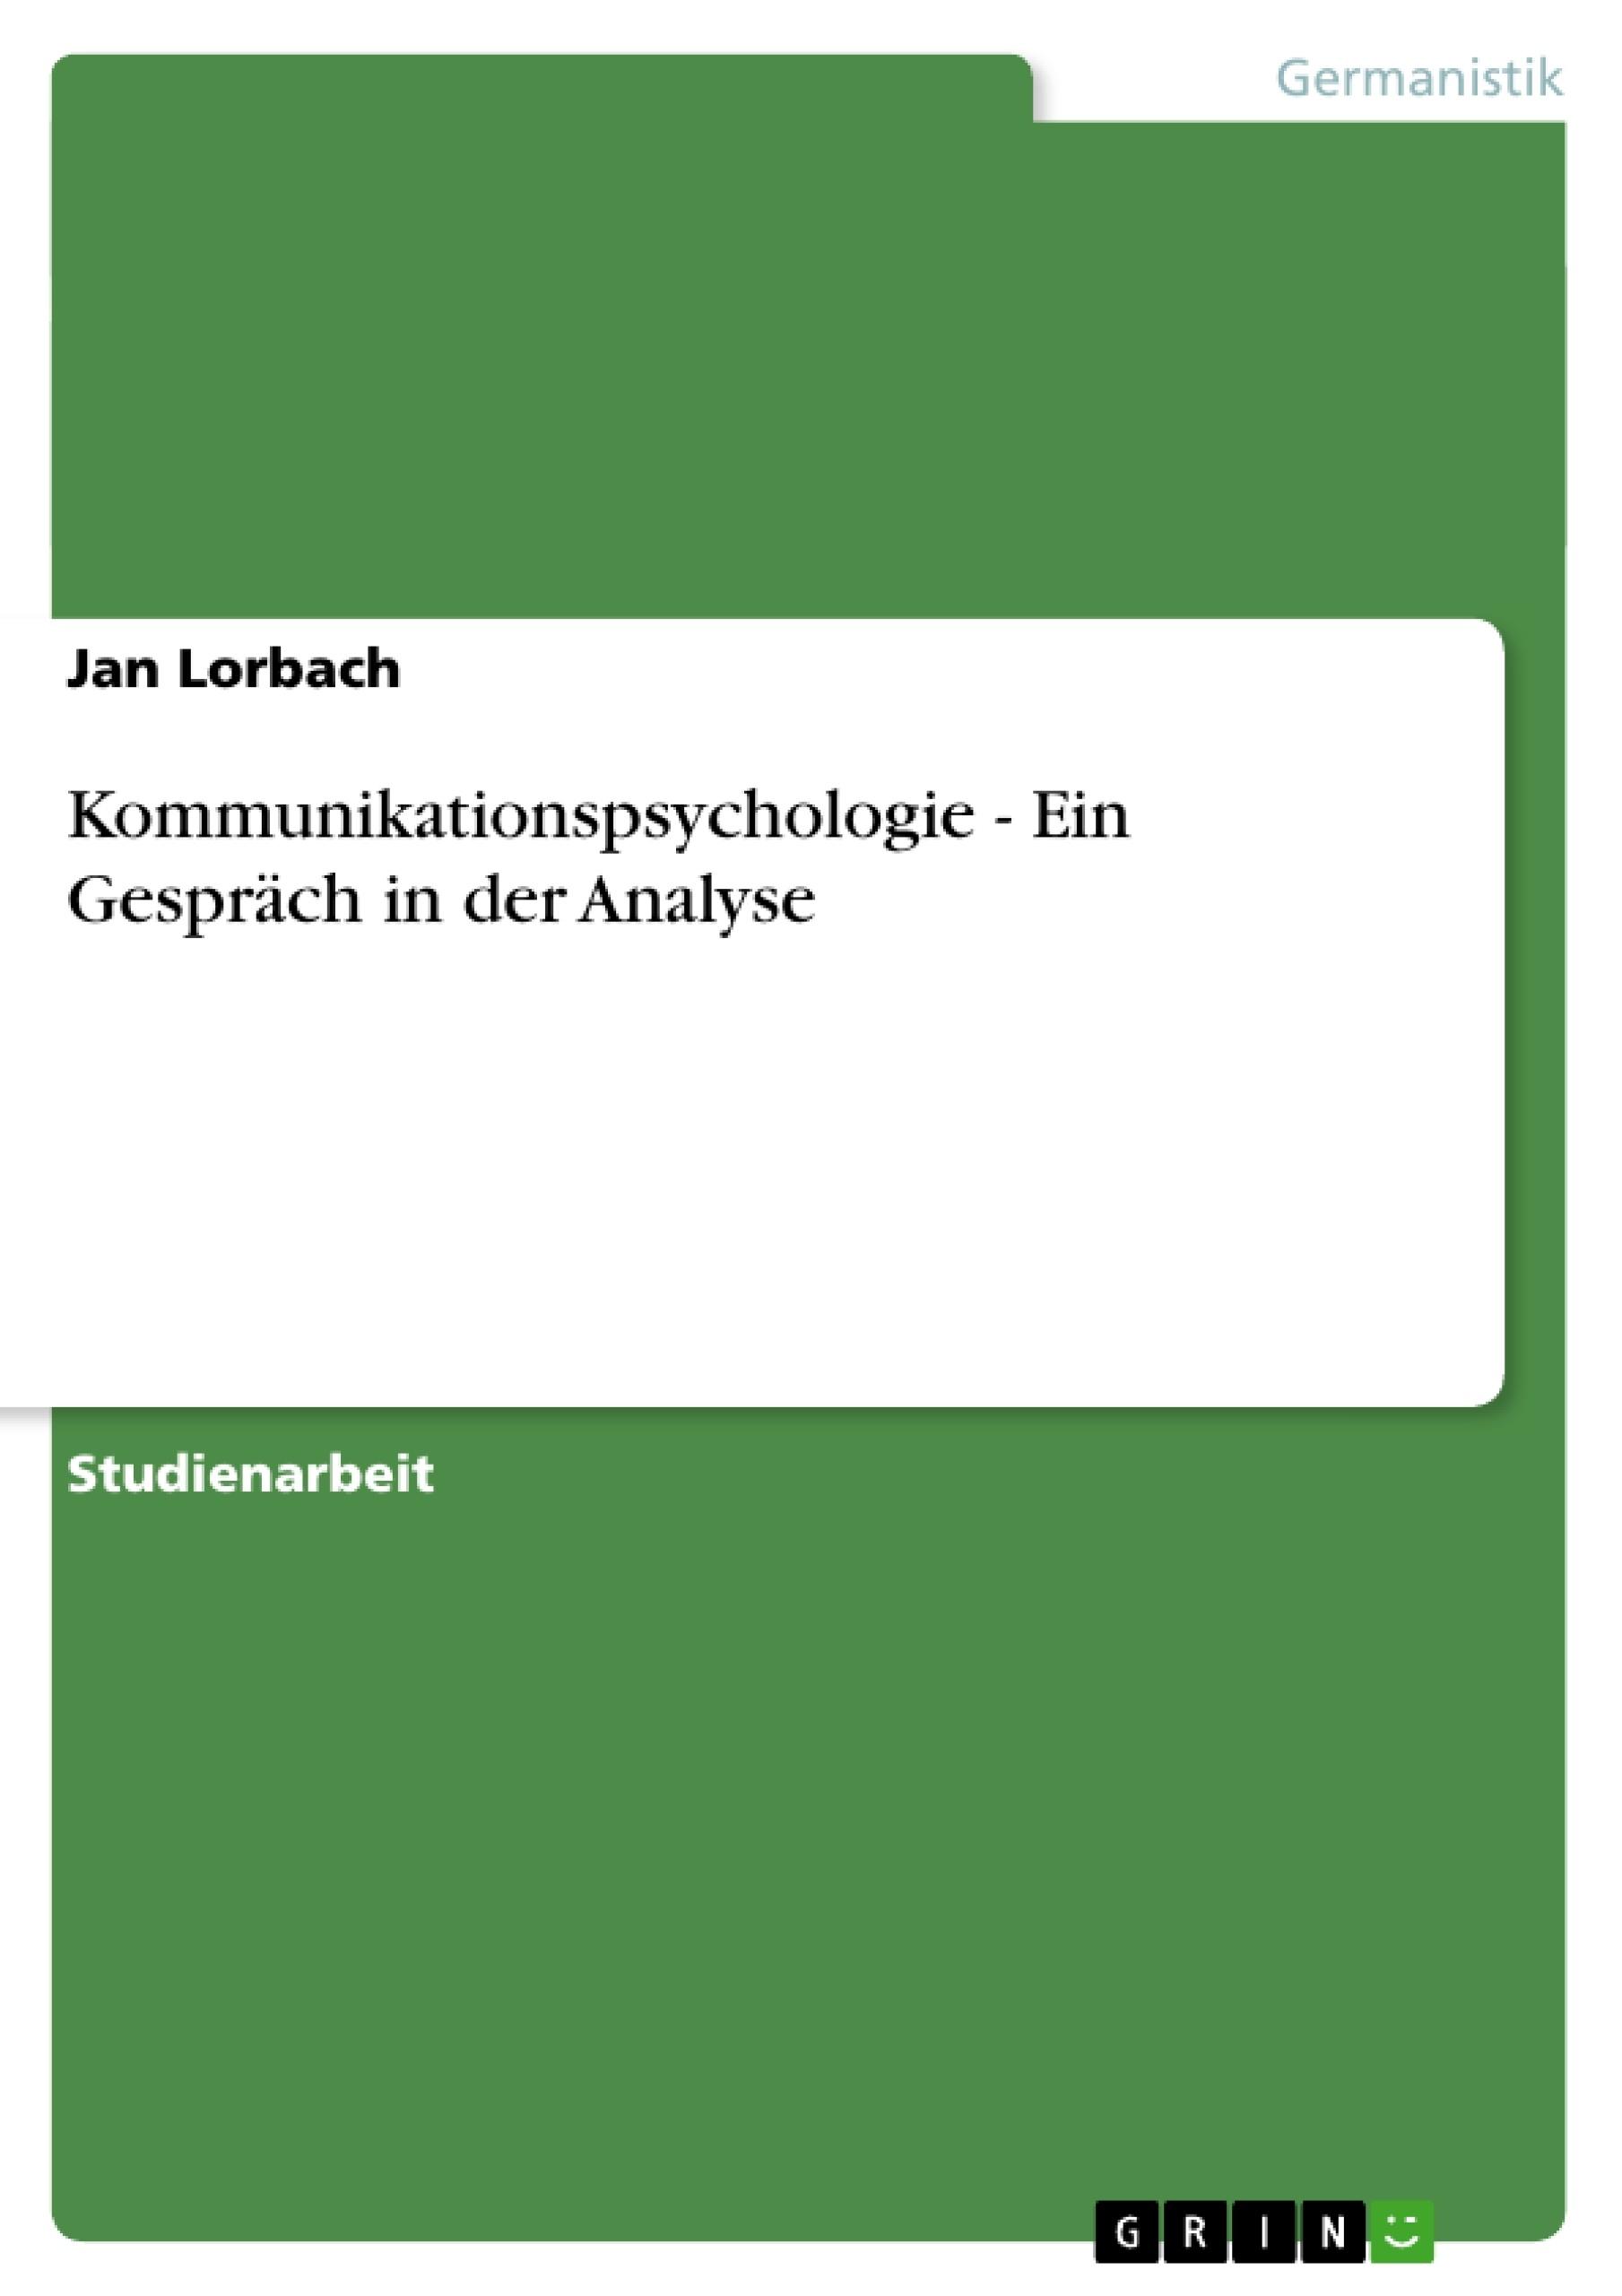 Titel: Kommunikationspsychologie - Ein Gespräch in der Analyse